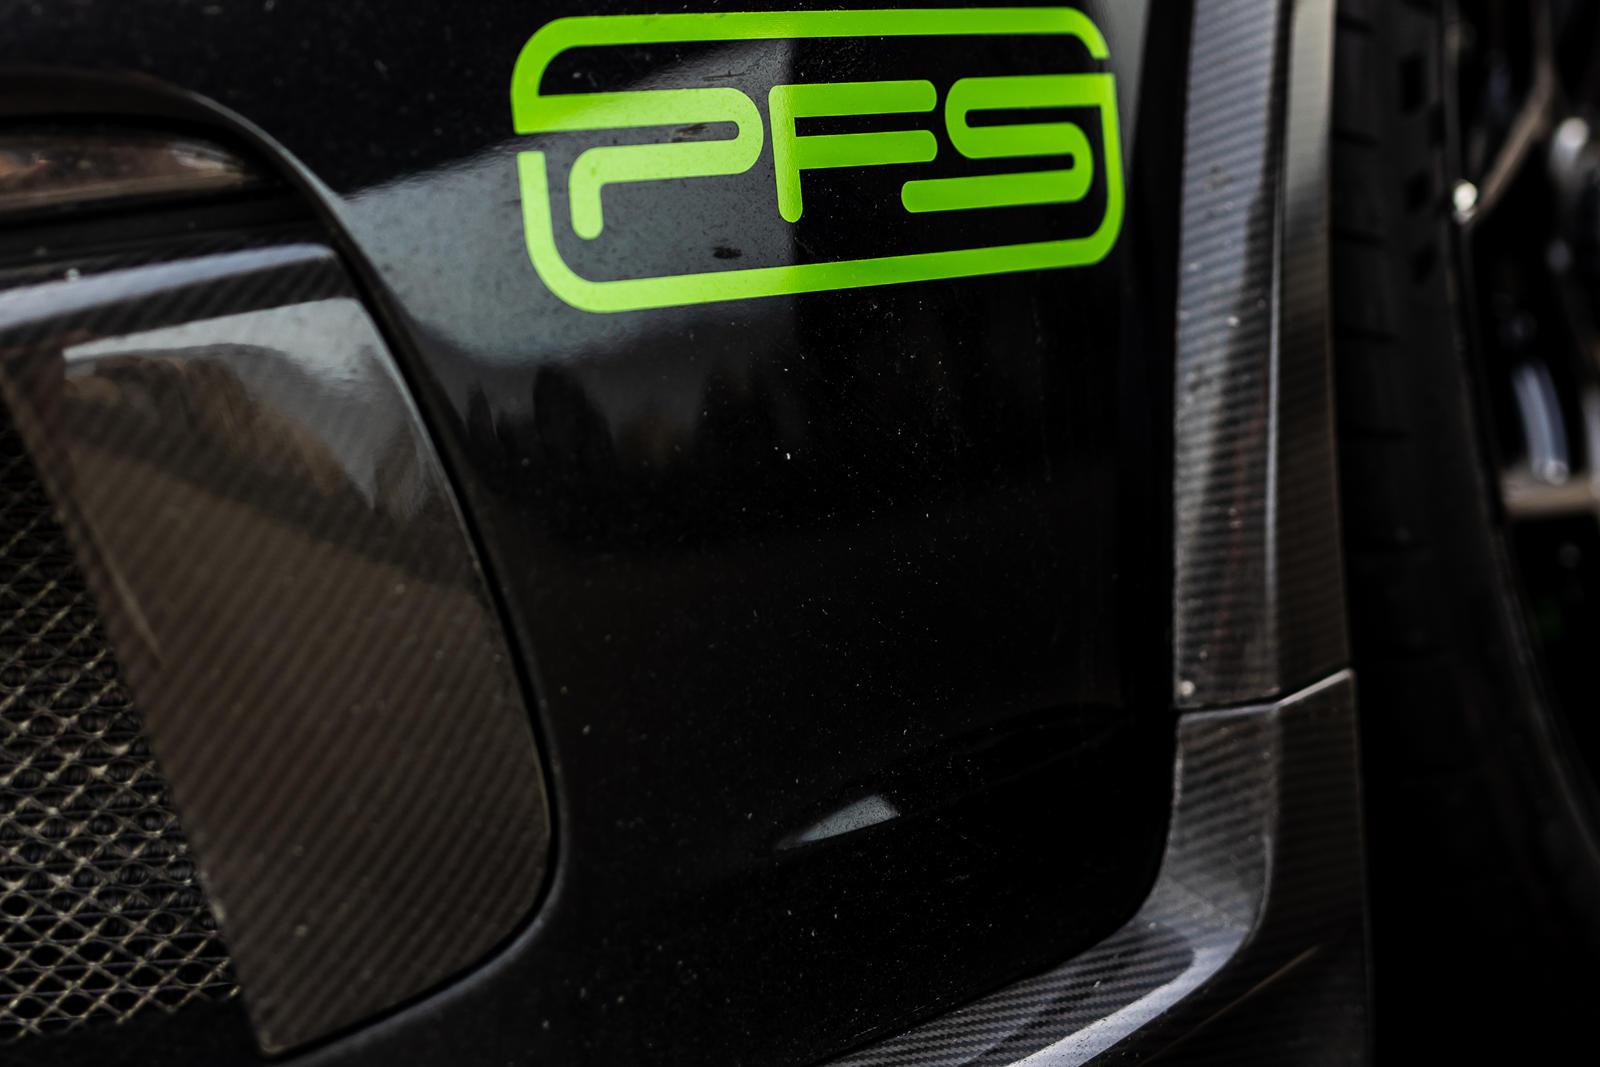 1016 Industries не новичок в создании экстремальных машин. Только в этом году мы видели напечатанный на 3D-принтере обвес для Ferrari, расширенный Urus и McLaren 720S, покрытый карбоном - все от этой тюнинг-компании. Но люди, стоящие за этими сумасше